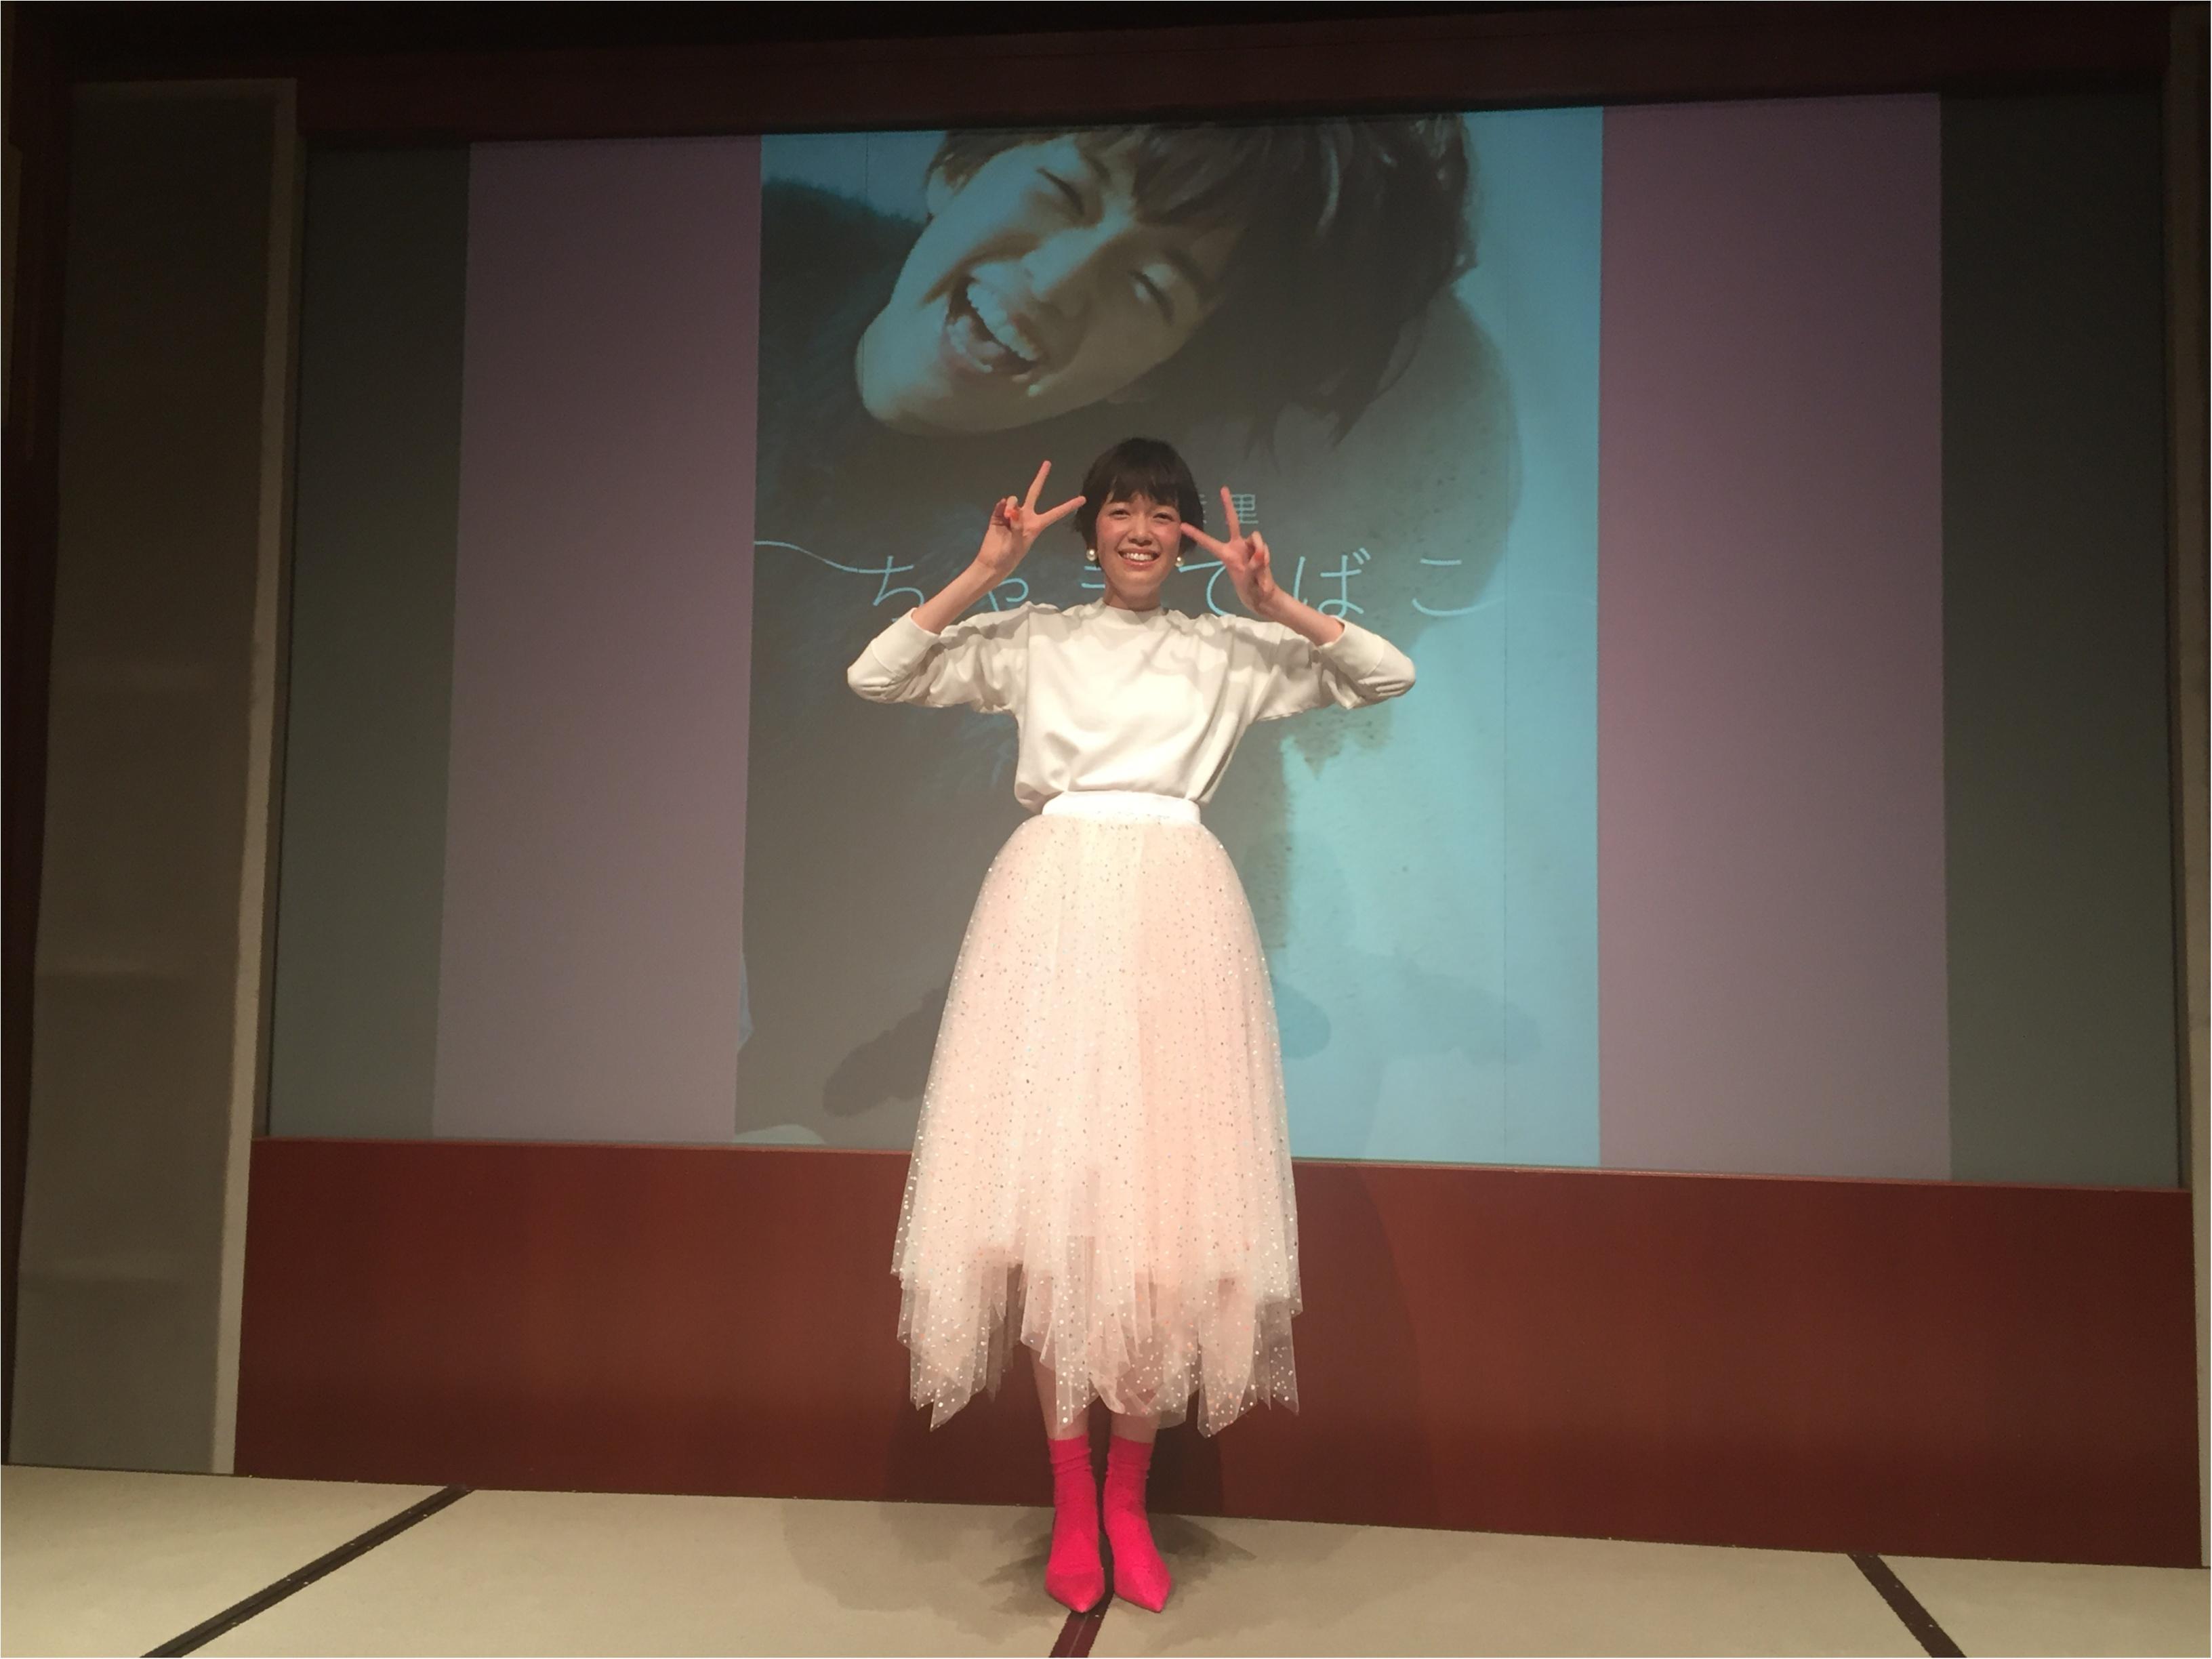 スペシャルゲストに佐藤栞里ちゃんも!年に一度の超豪華すぎる【MORE大女子会2017】の模様はこちら♡*_9